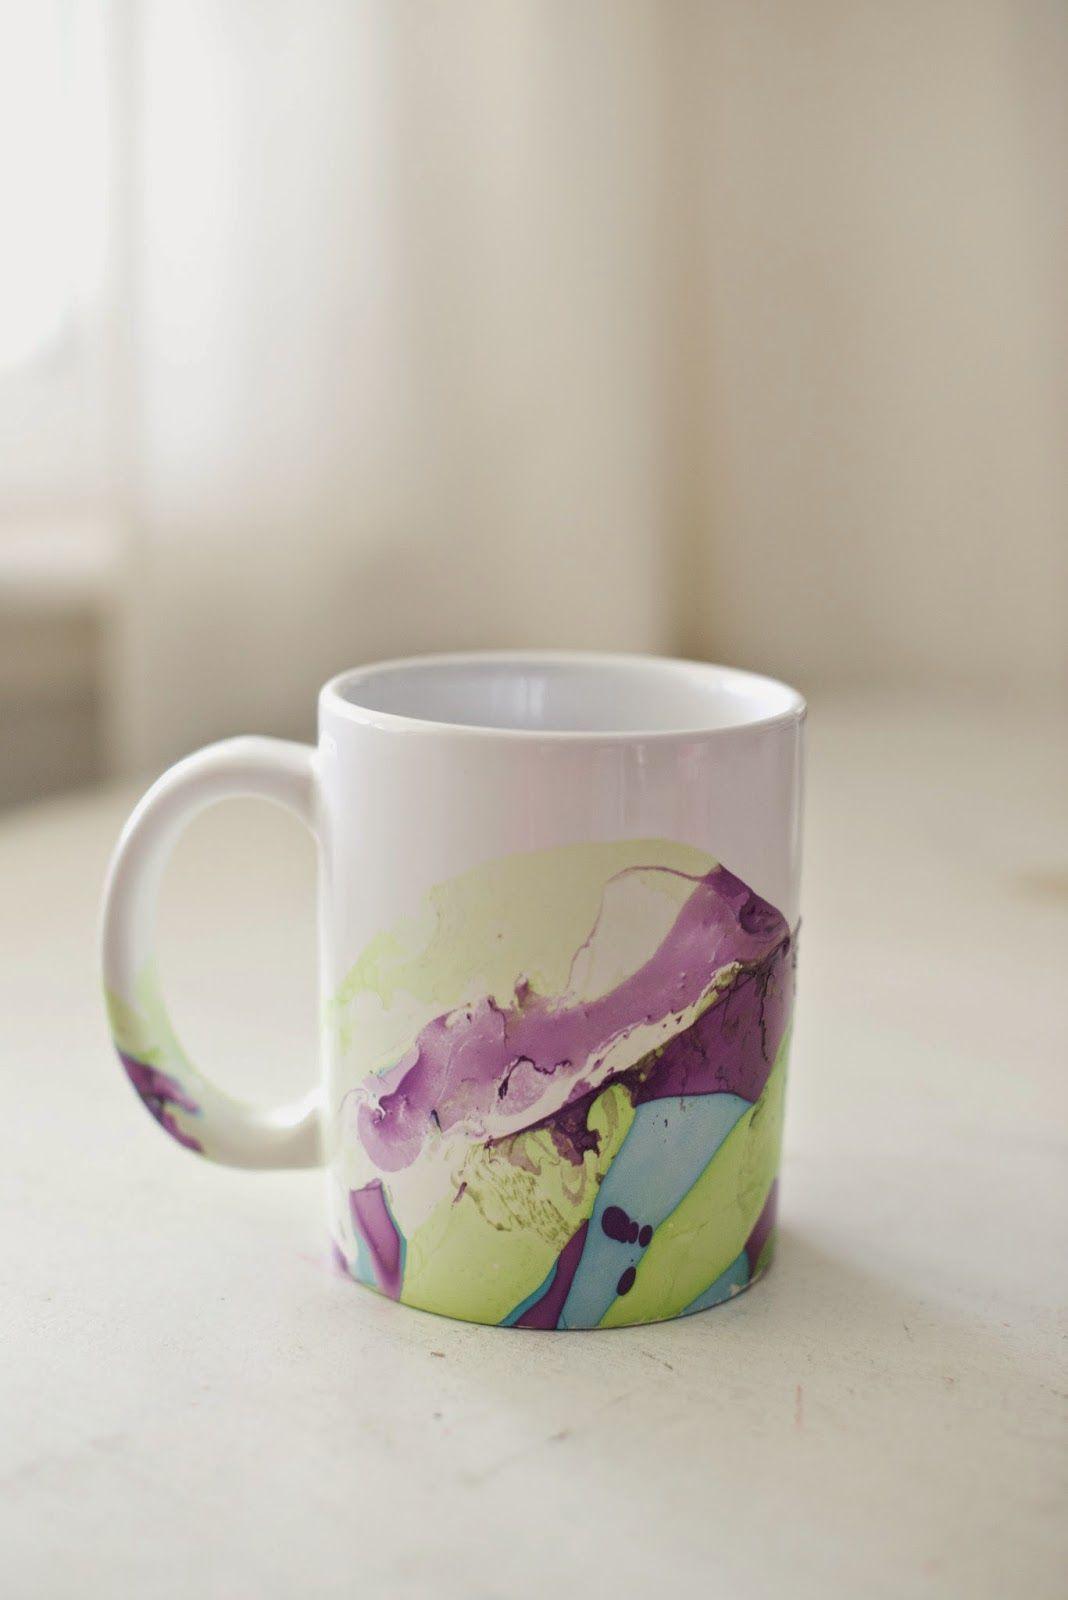 Diy Marbeled Nail Polish Coffee Mugs Tutorial Make These Beautiful Mugs With Nail Polish And Water Diy C Mug Crafts Coffee Mug Crafts Christmas Nails Diy